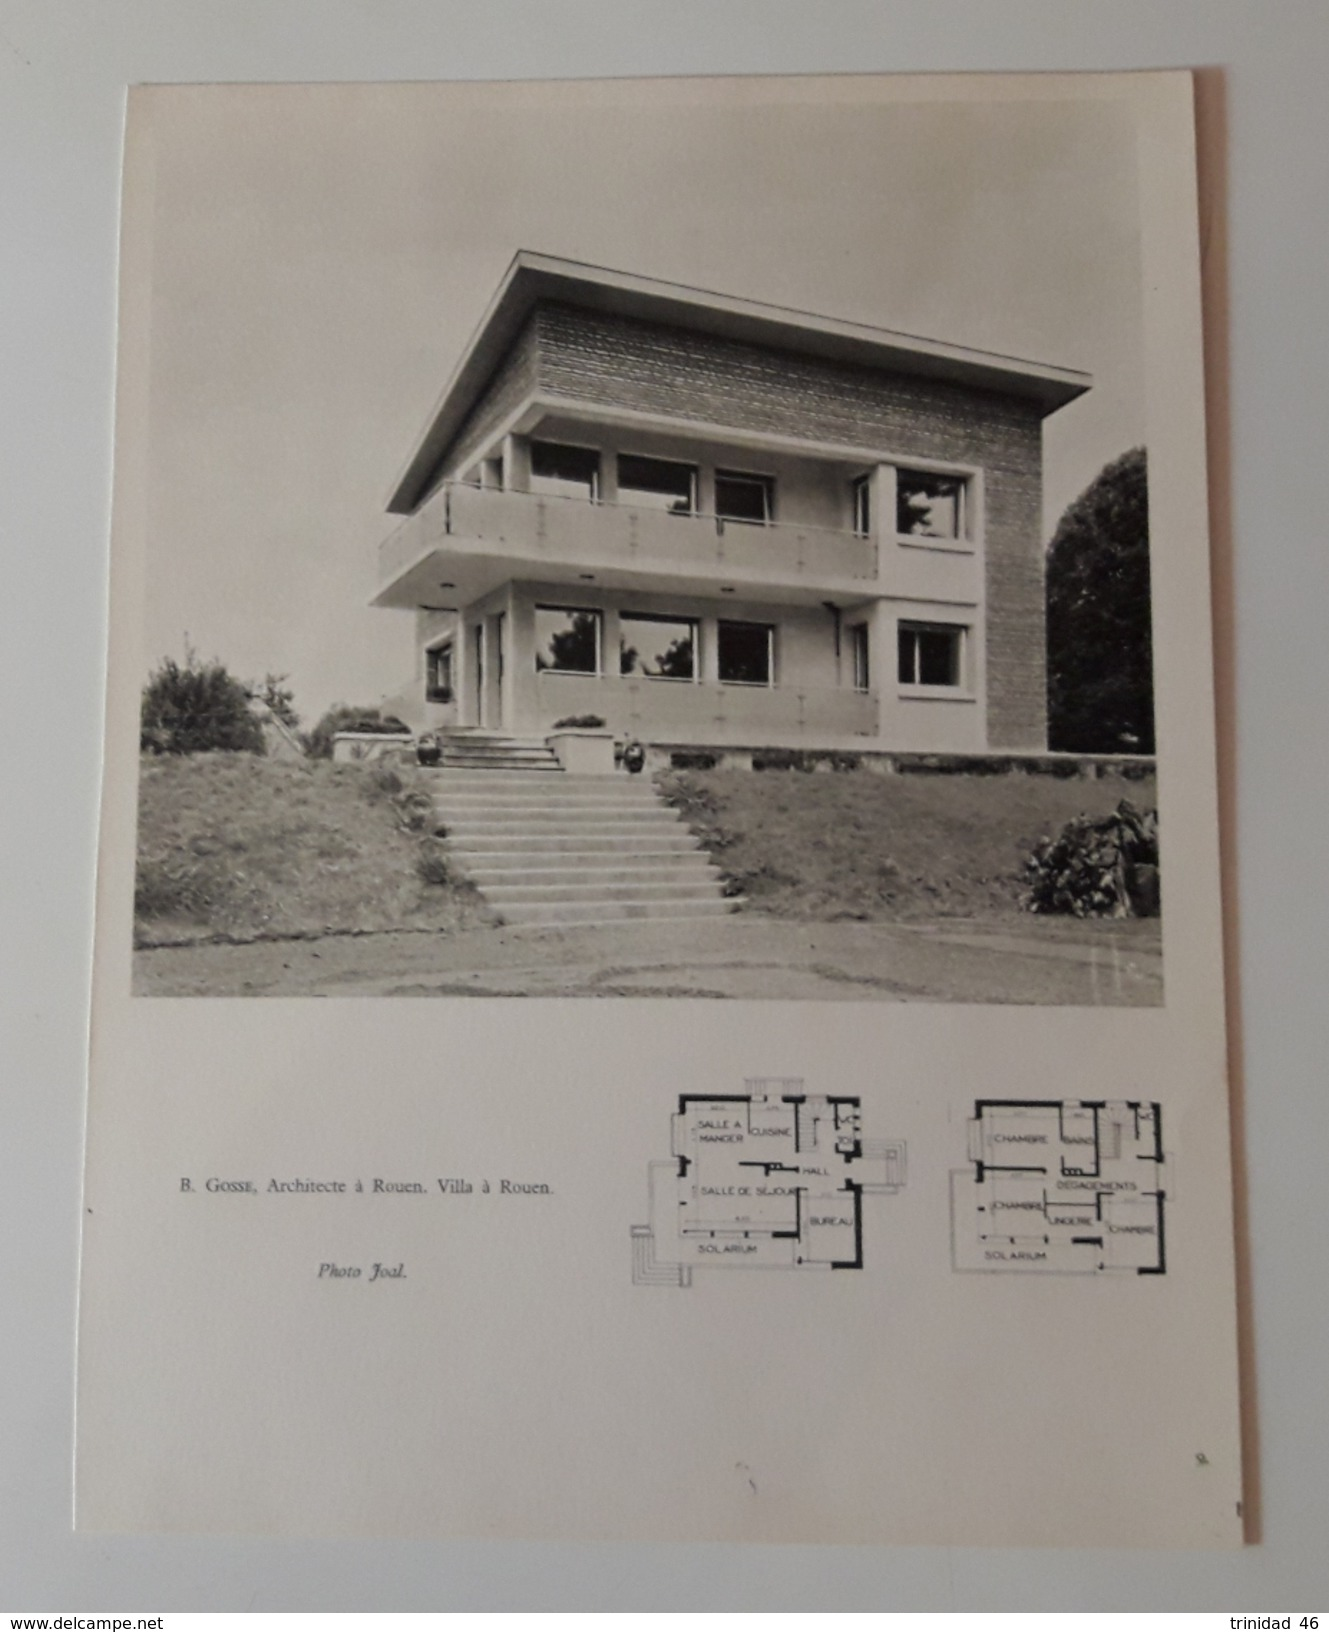 ROUEN 76 ( PLANCHE D' UNE VILLA DE L' ARCHITECTE B GOSSE DE ROUEN ) ARCHITECTURE - Old Paper